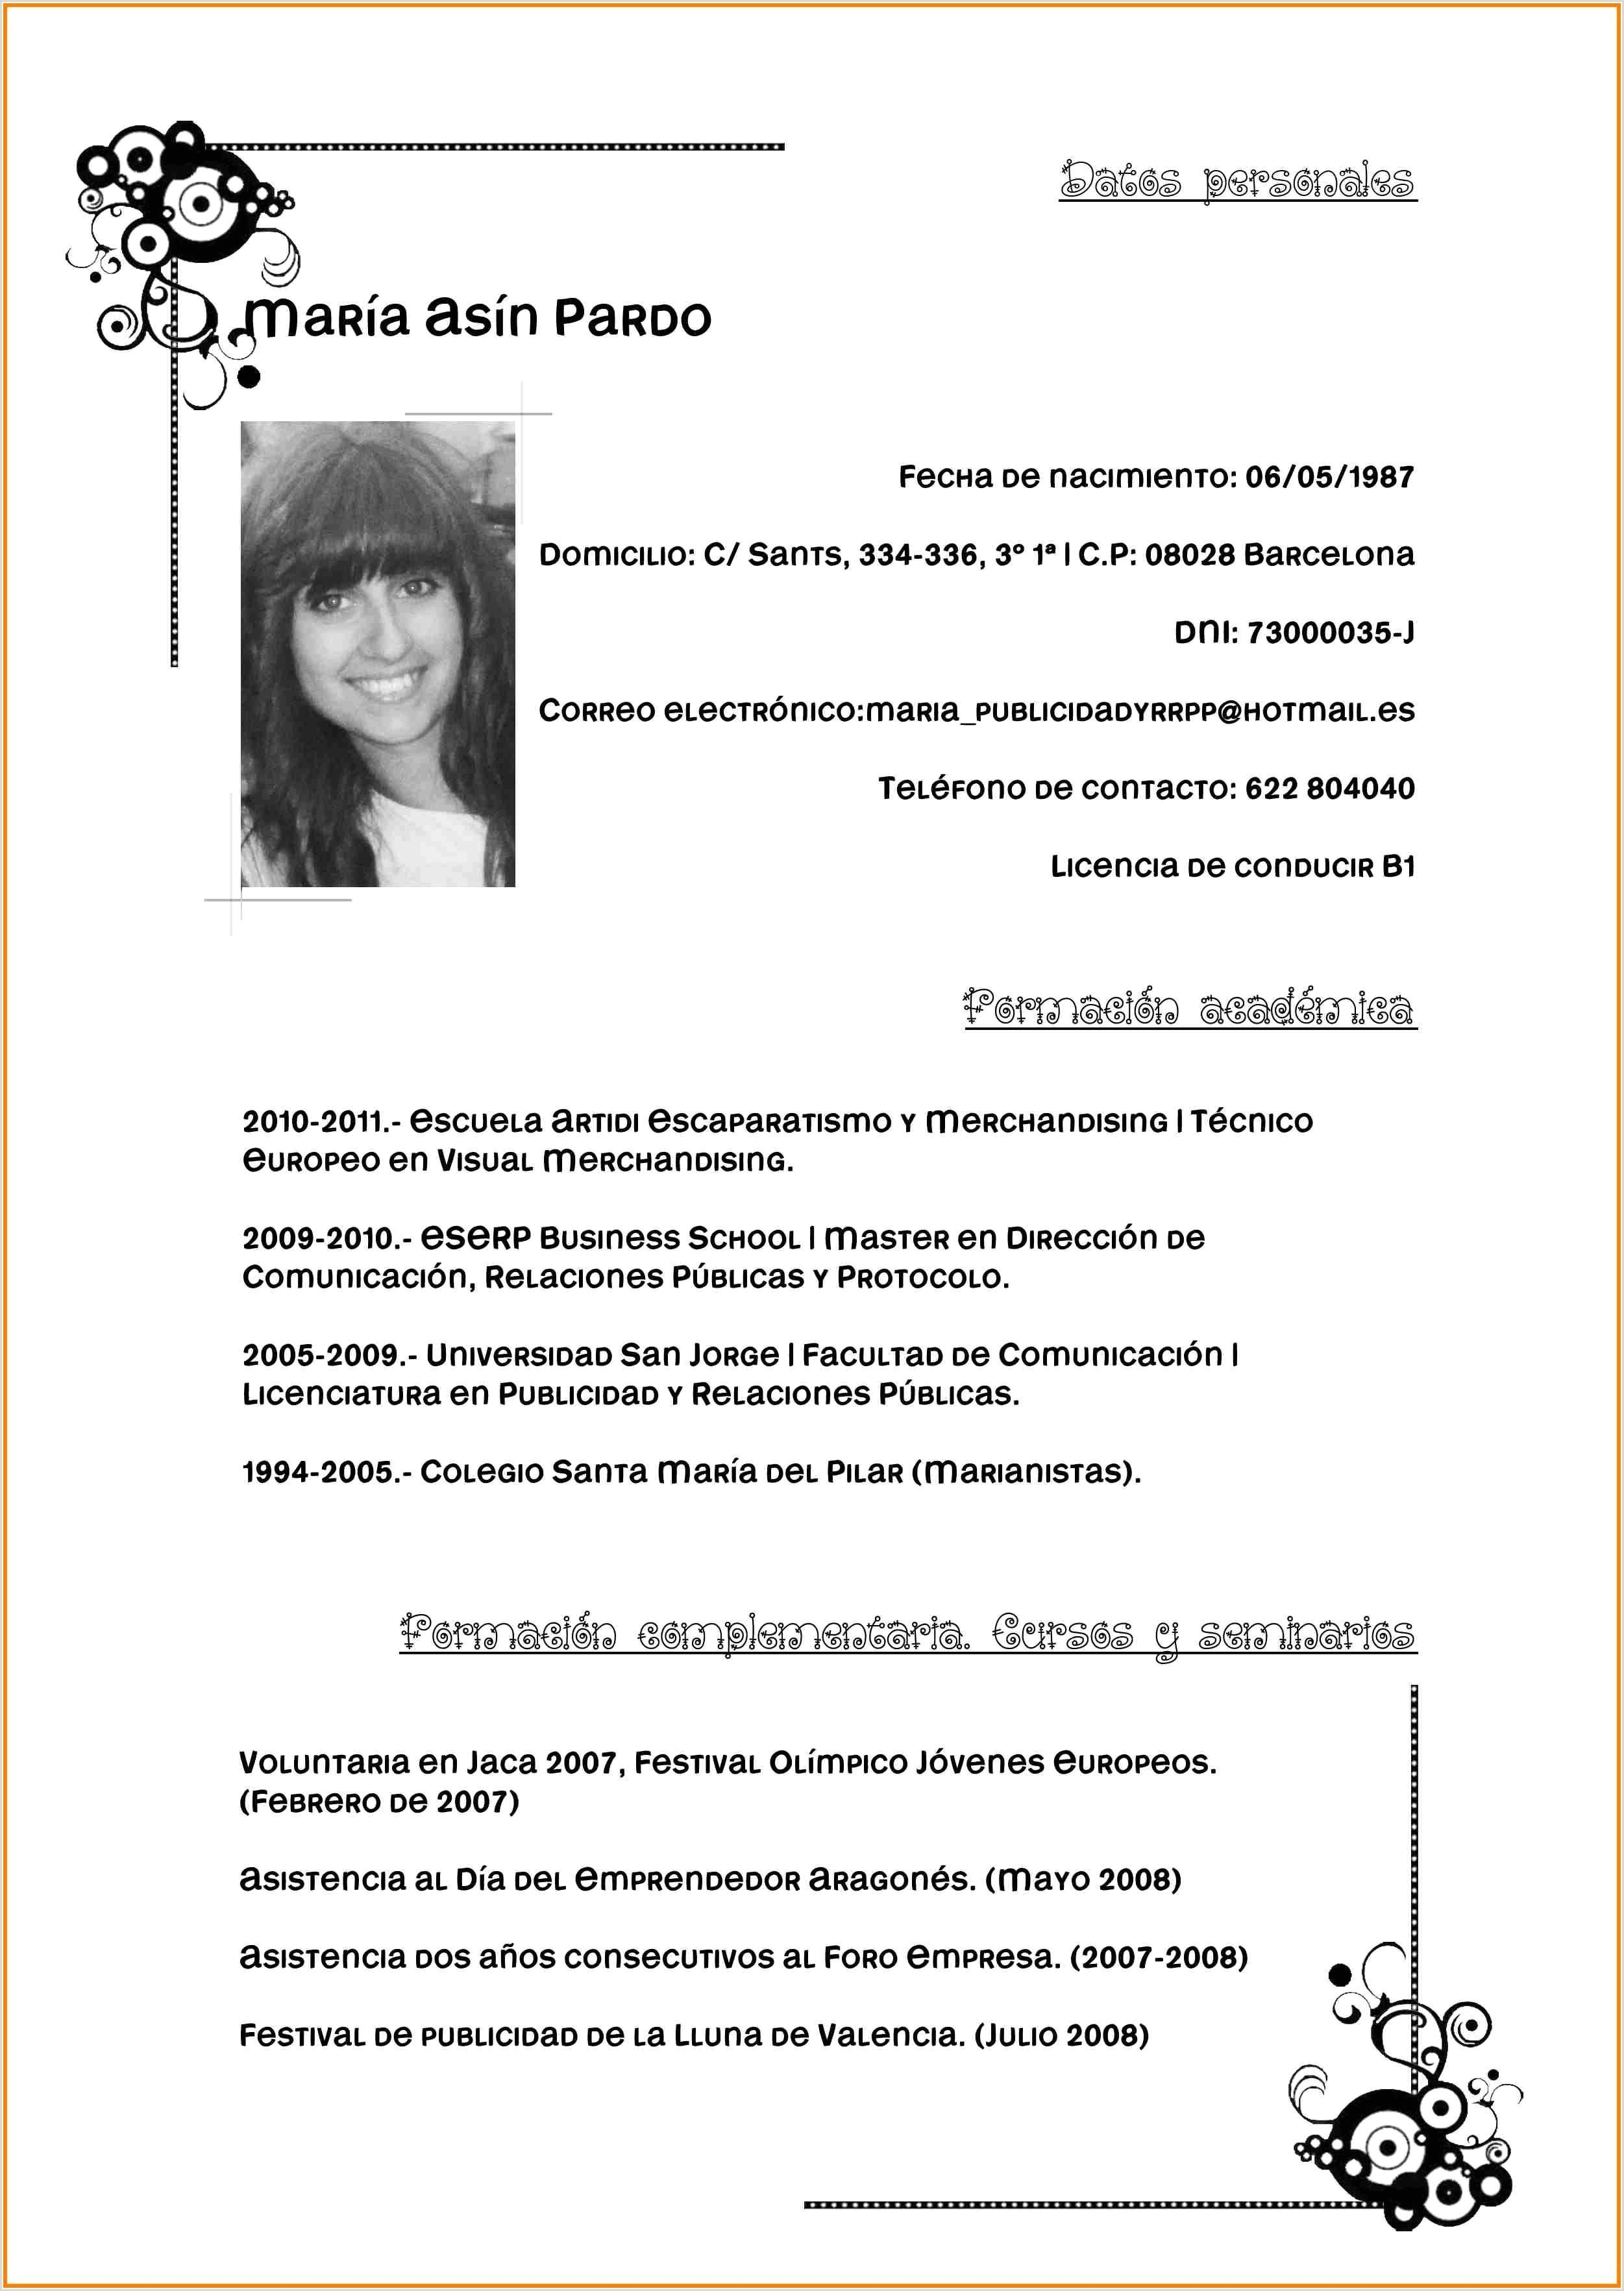 Descargar Curriculum Vitae Para Rellenar Con Foto Descargar Gratis Curriculum Vitae Para Rellenar Imágenes De